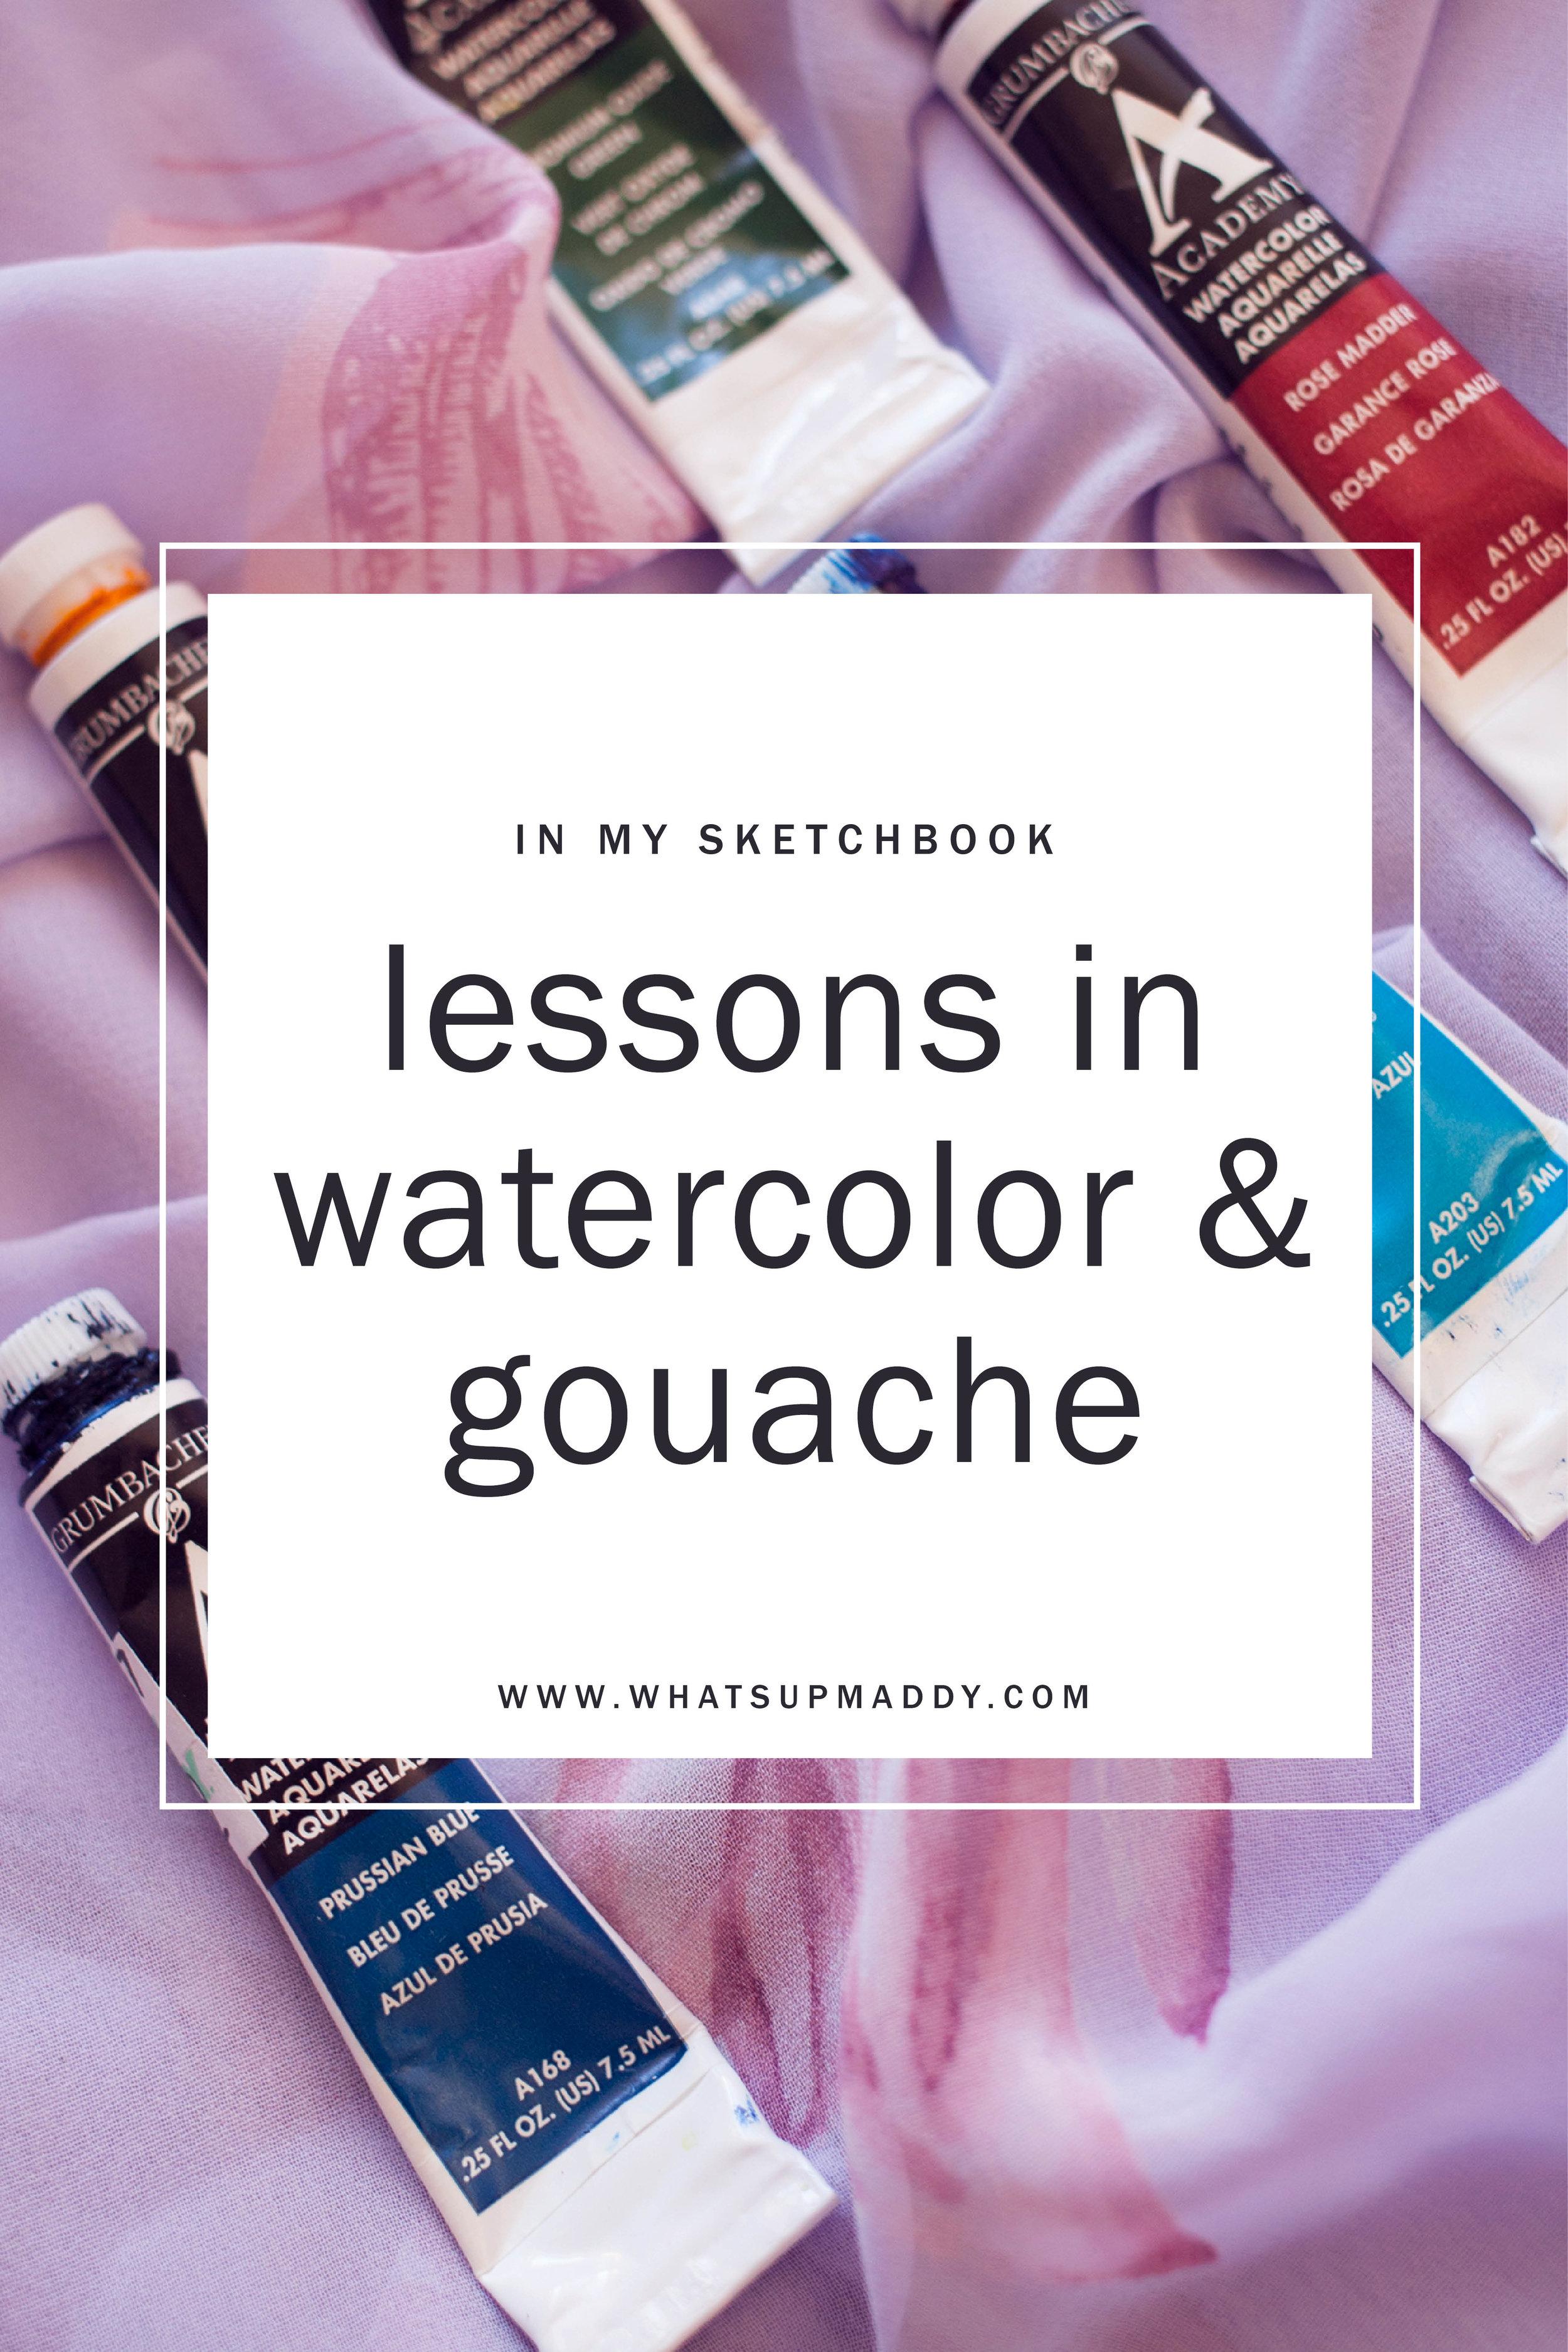 inmysketchbook_watercolor n gouache2.jpg